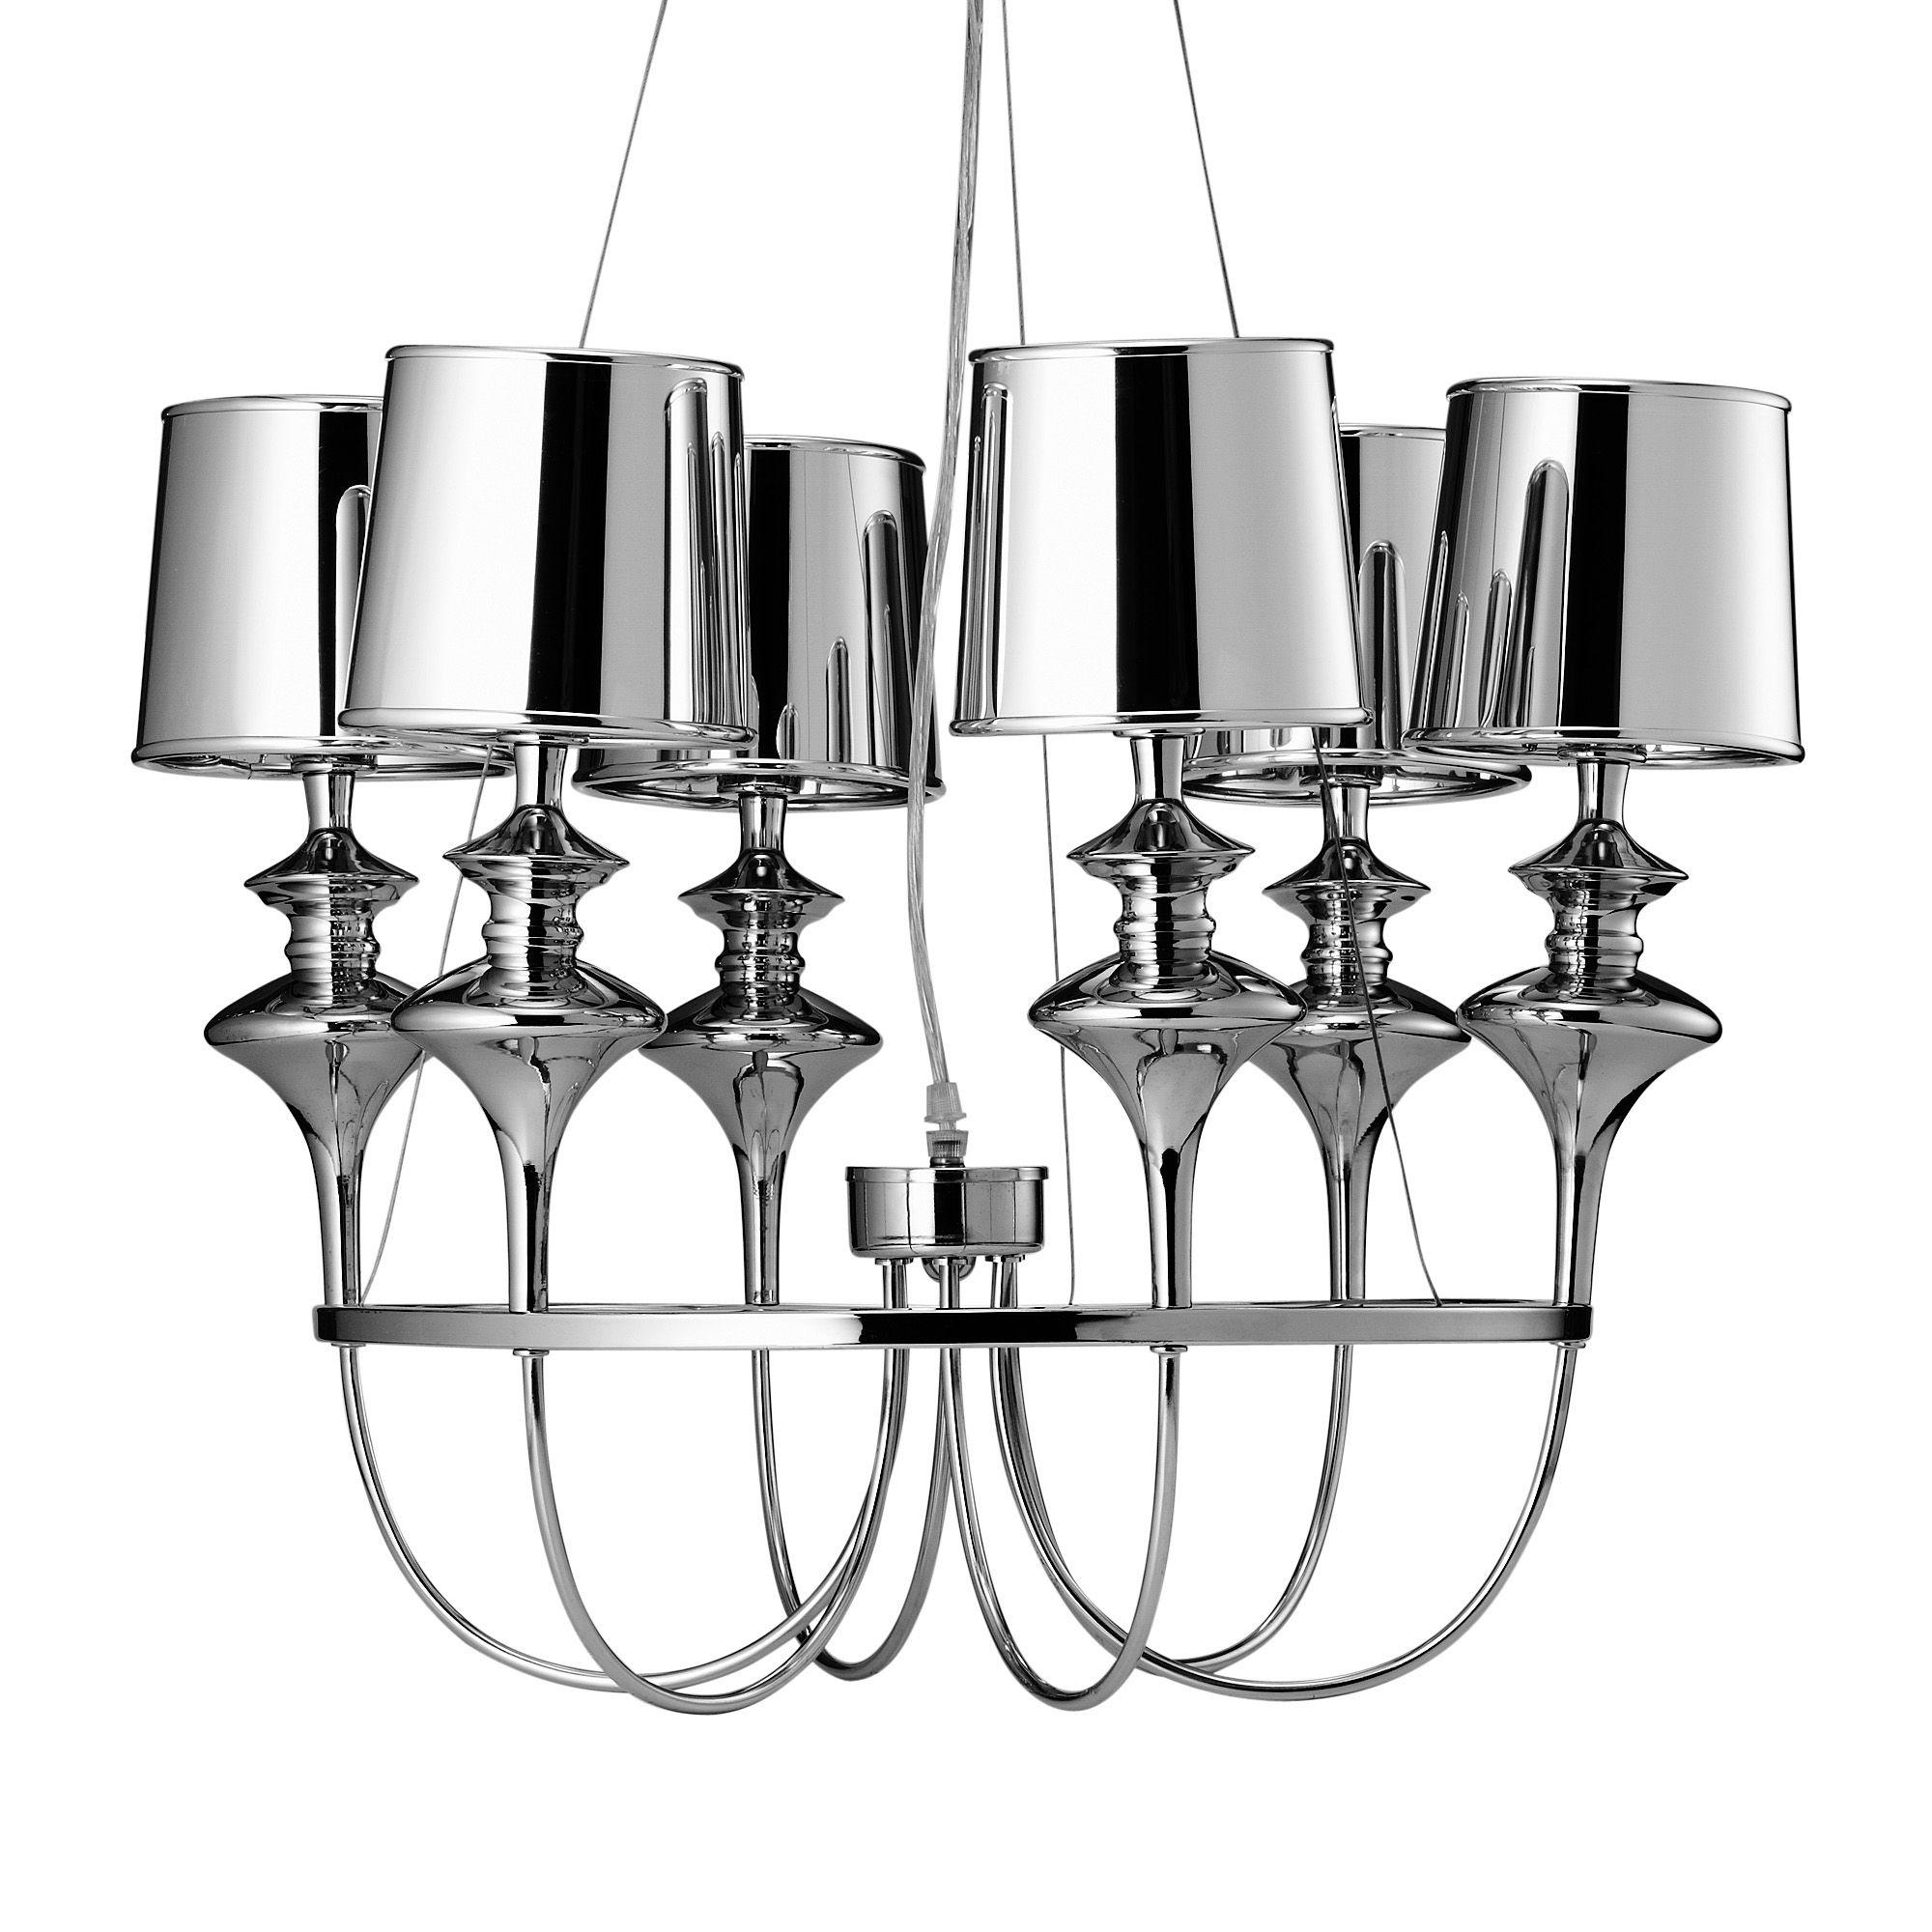 Francfranc chrome ceiling light   For the home   Pinterest   Ceiling ...